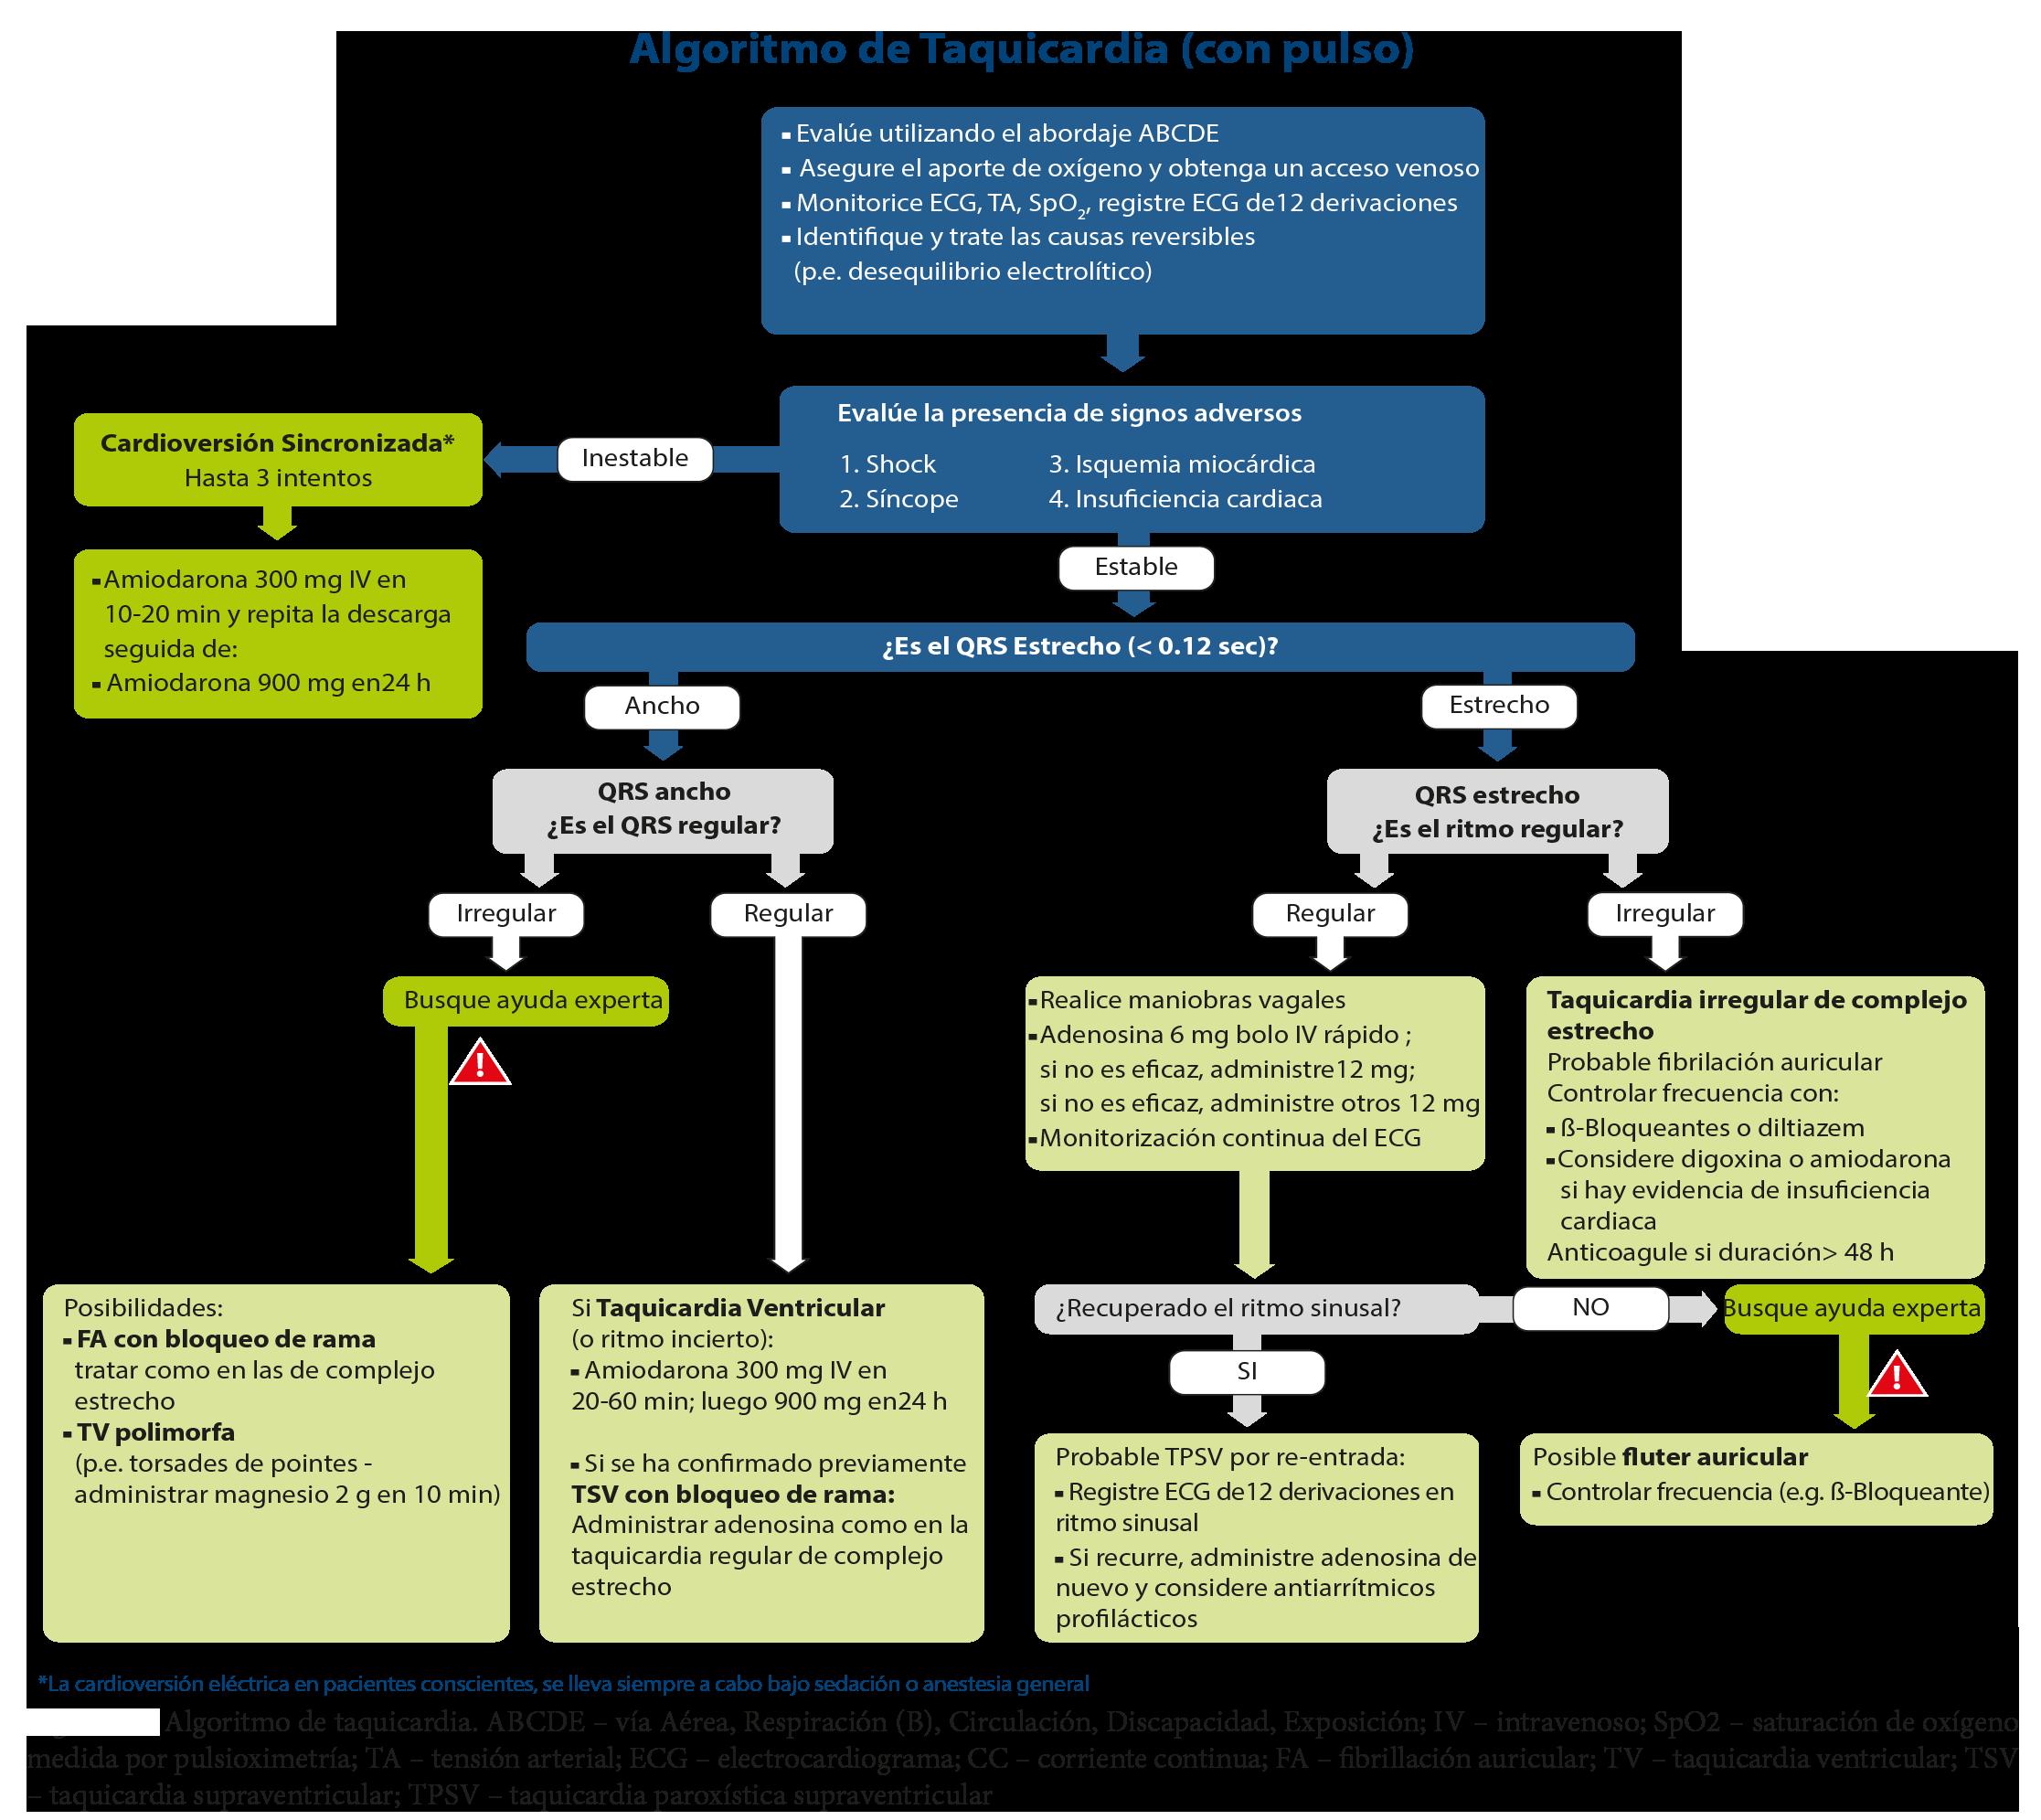 FIGURA 4 - Algoritmo de tratamiento de la Taquicardia - ILCOR 2015